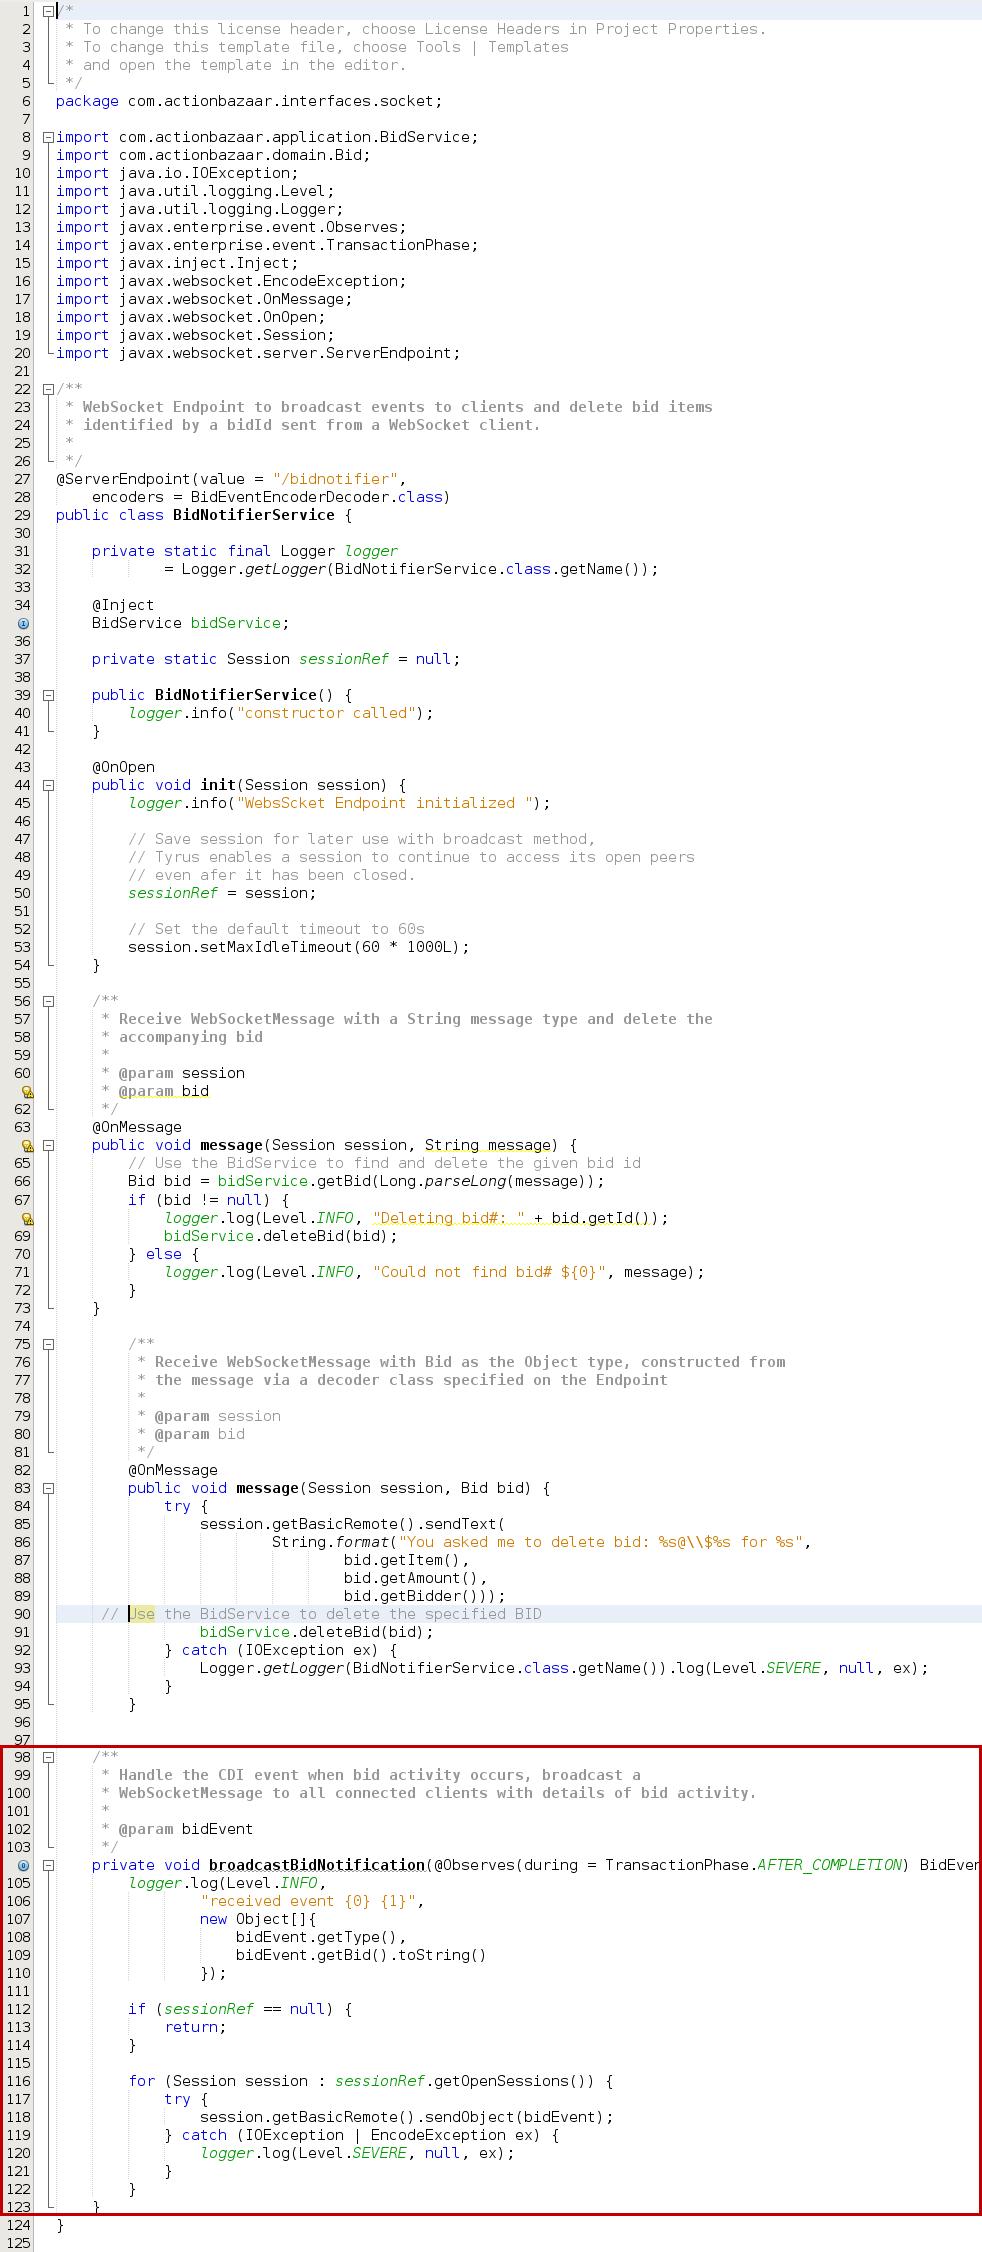 Oracle weblogic server 1213 developer guide enabling java ee 7 view image baditri Images